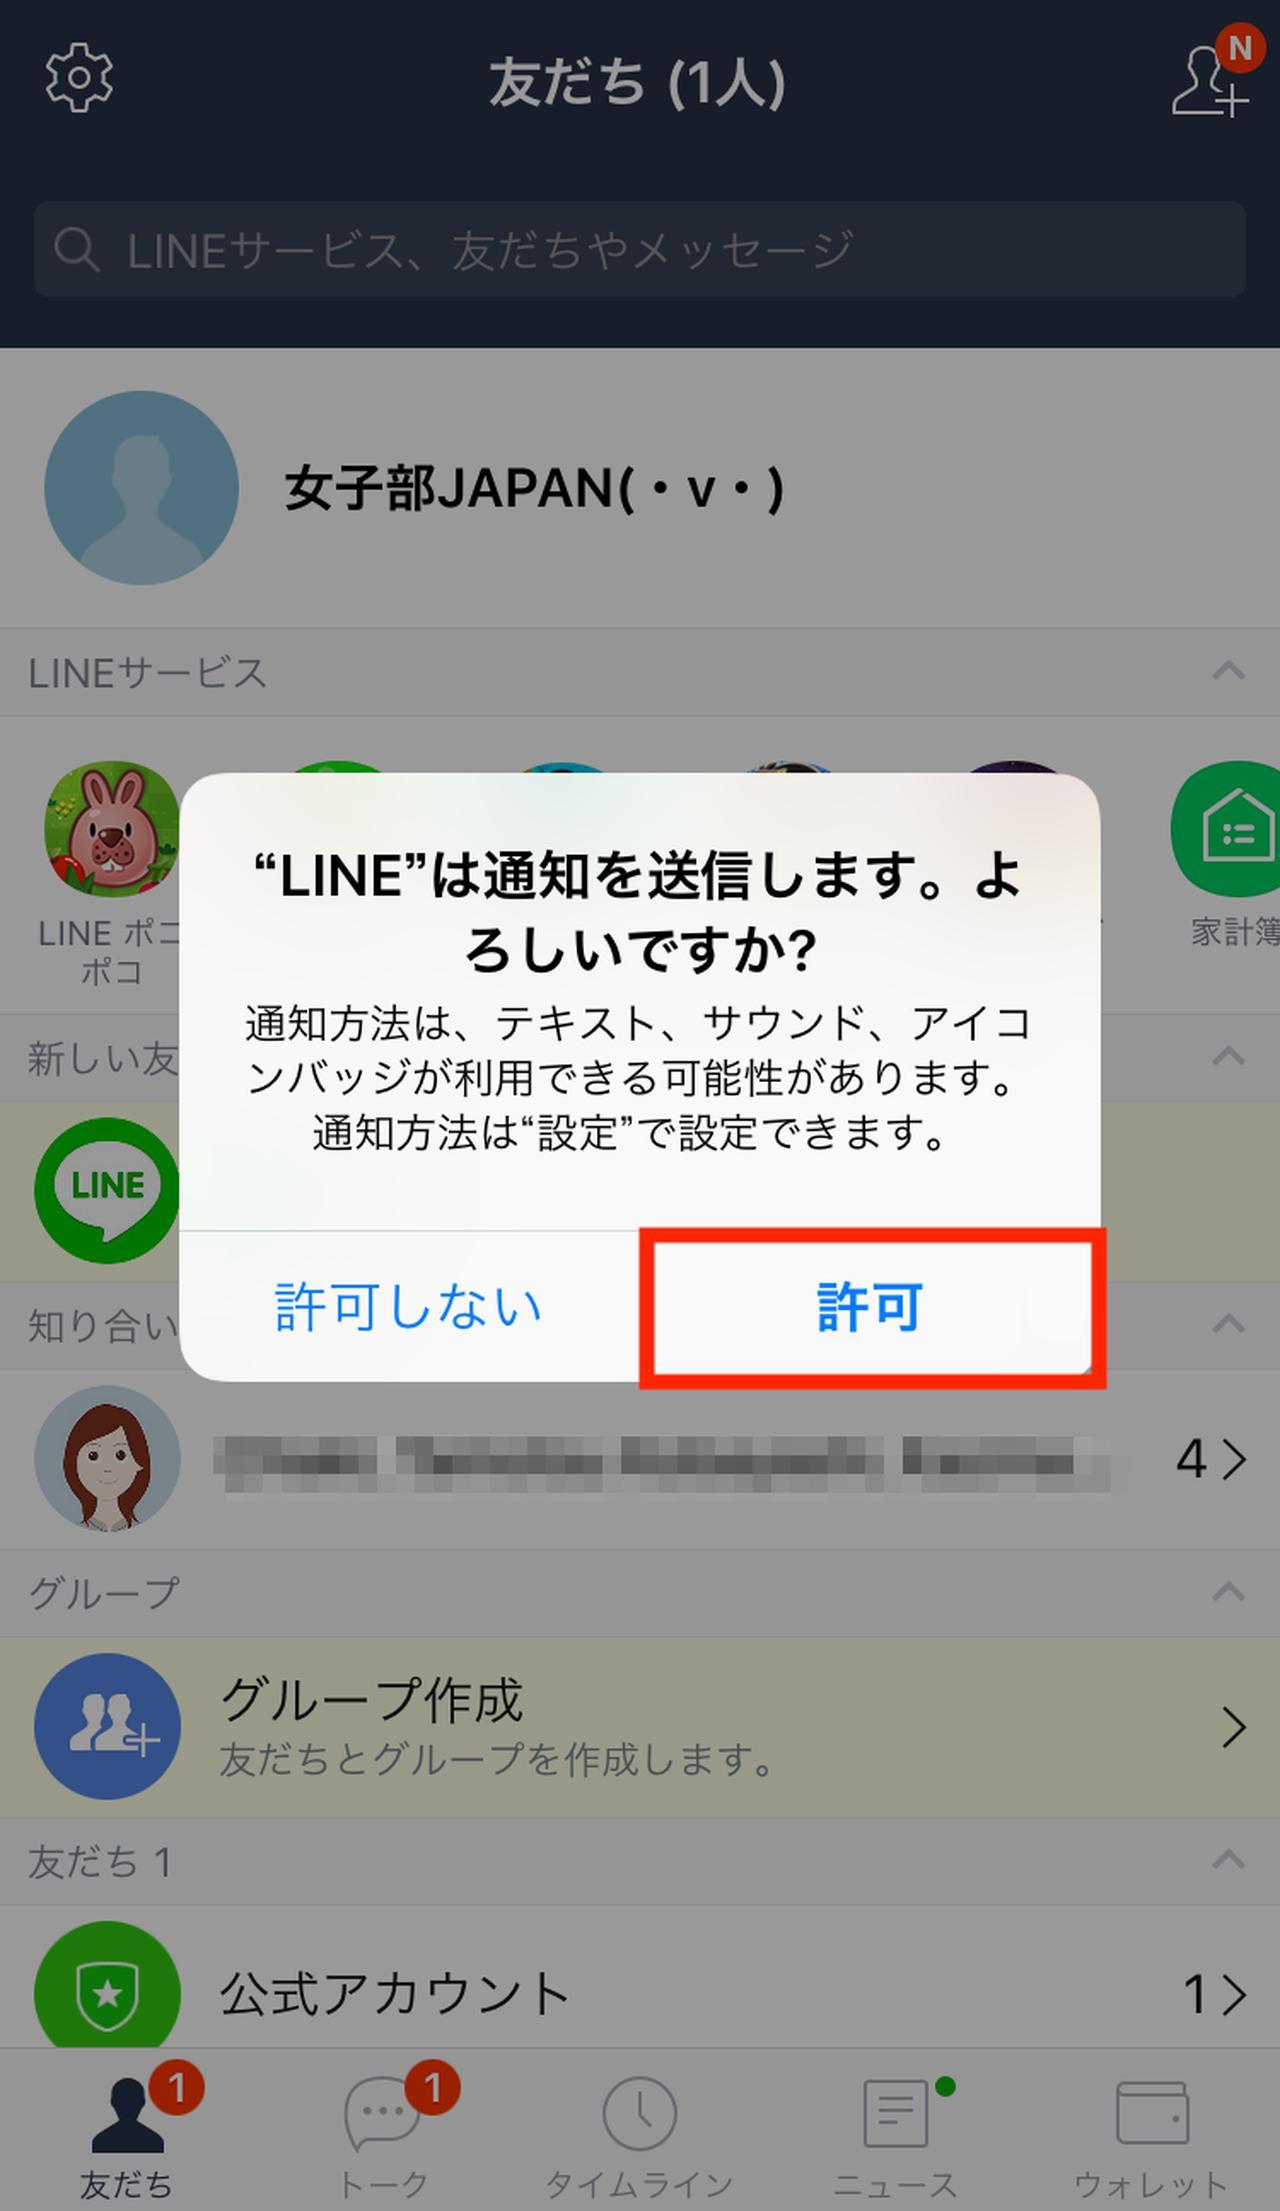 画像: LINEのメッセージが届いた時の通知をオンにする場合は「許可」をタッチ。